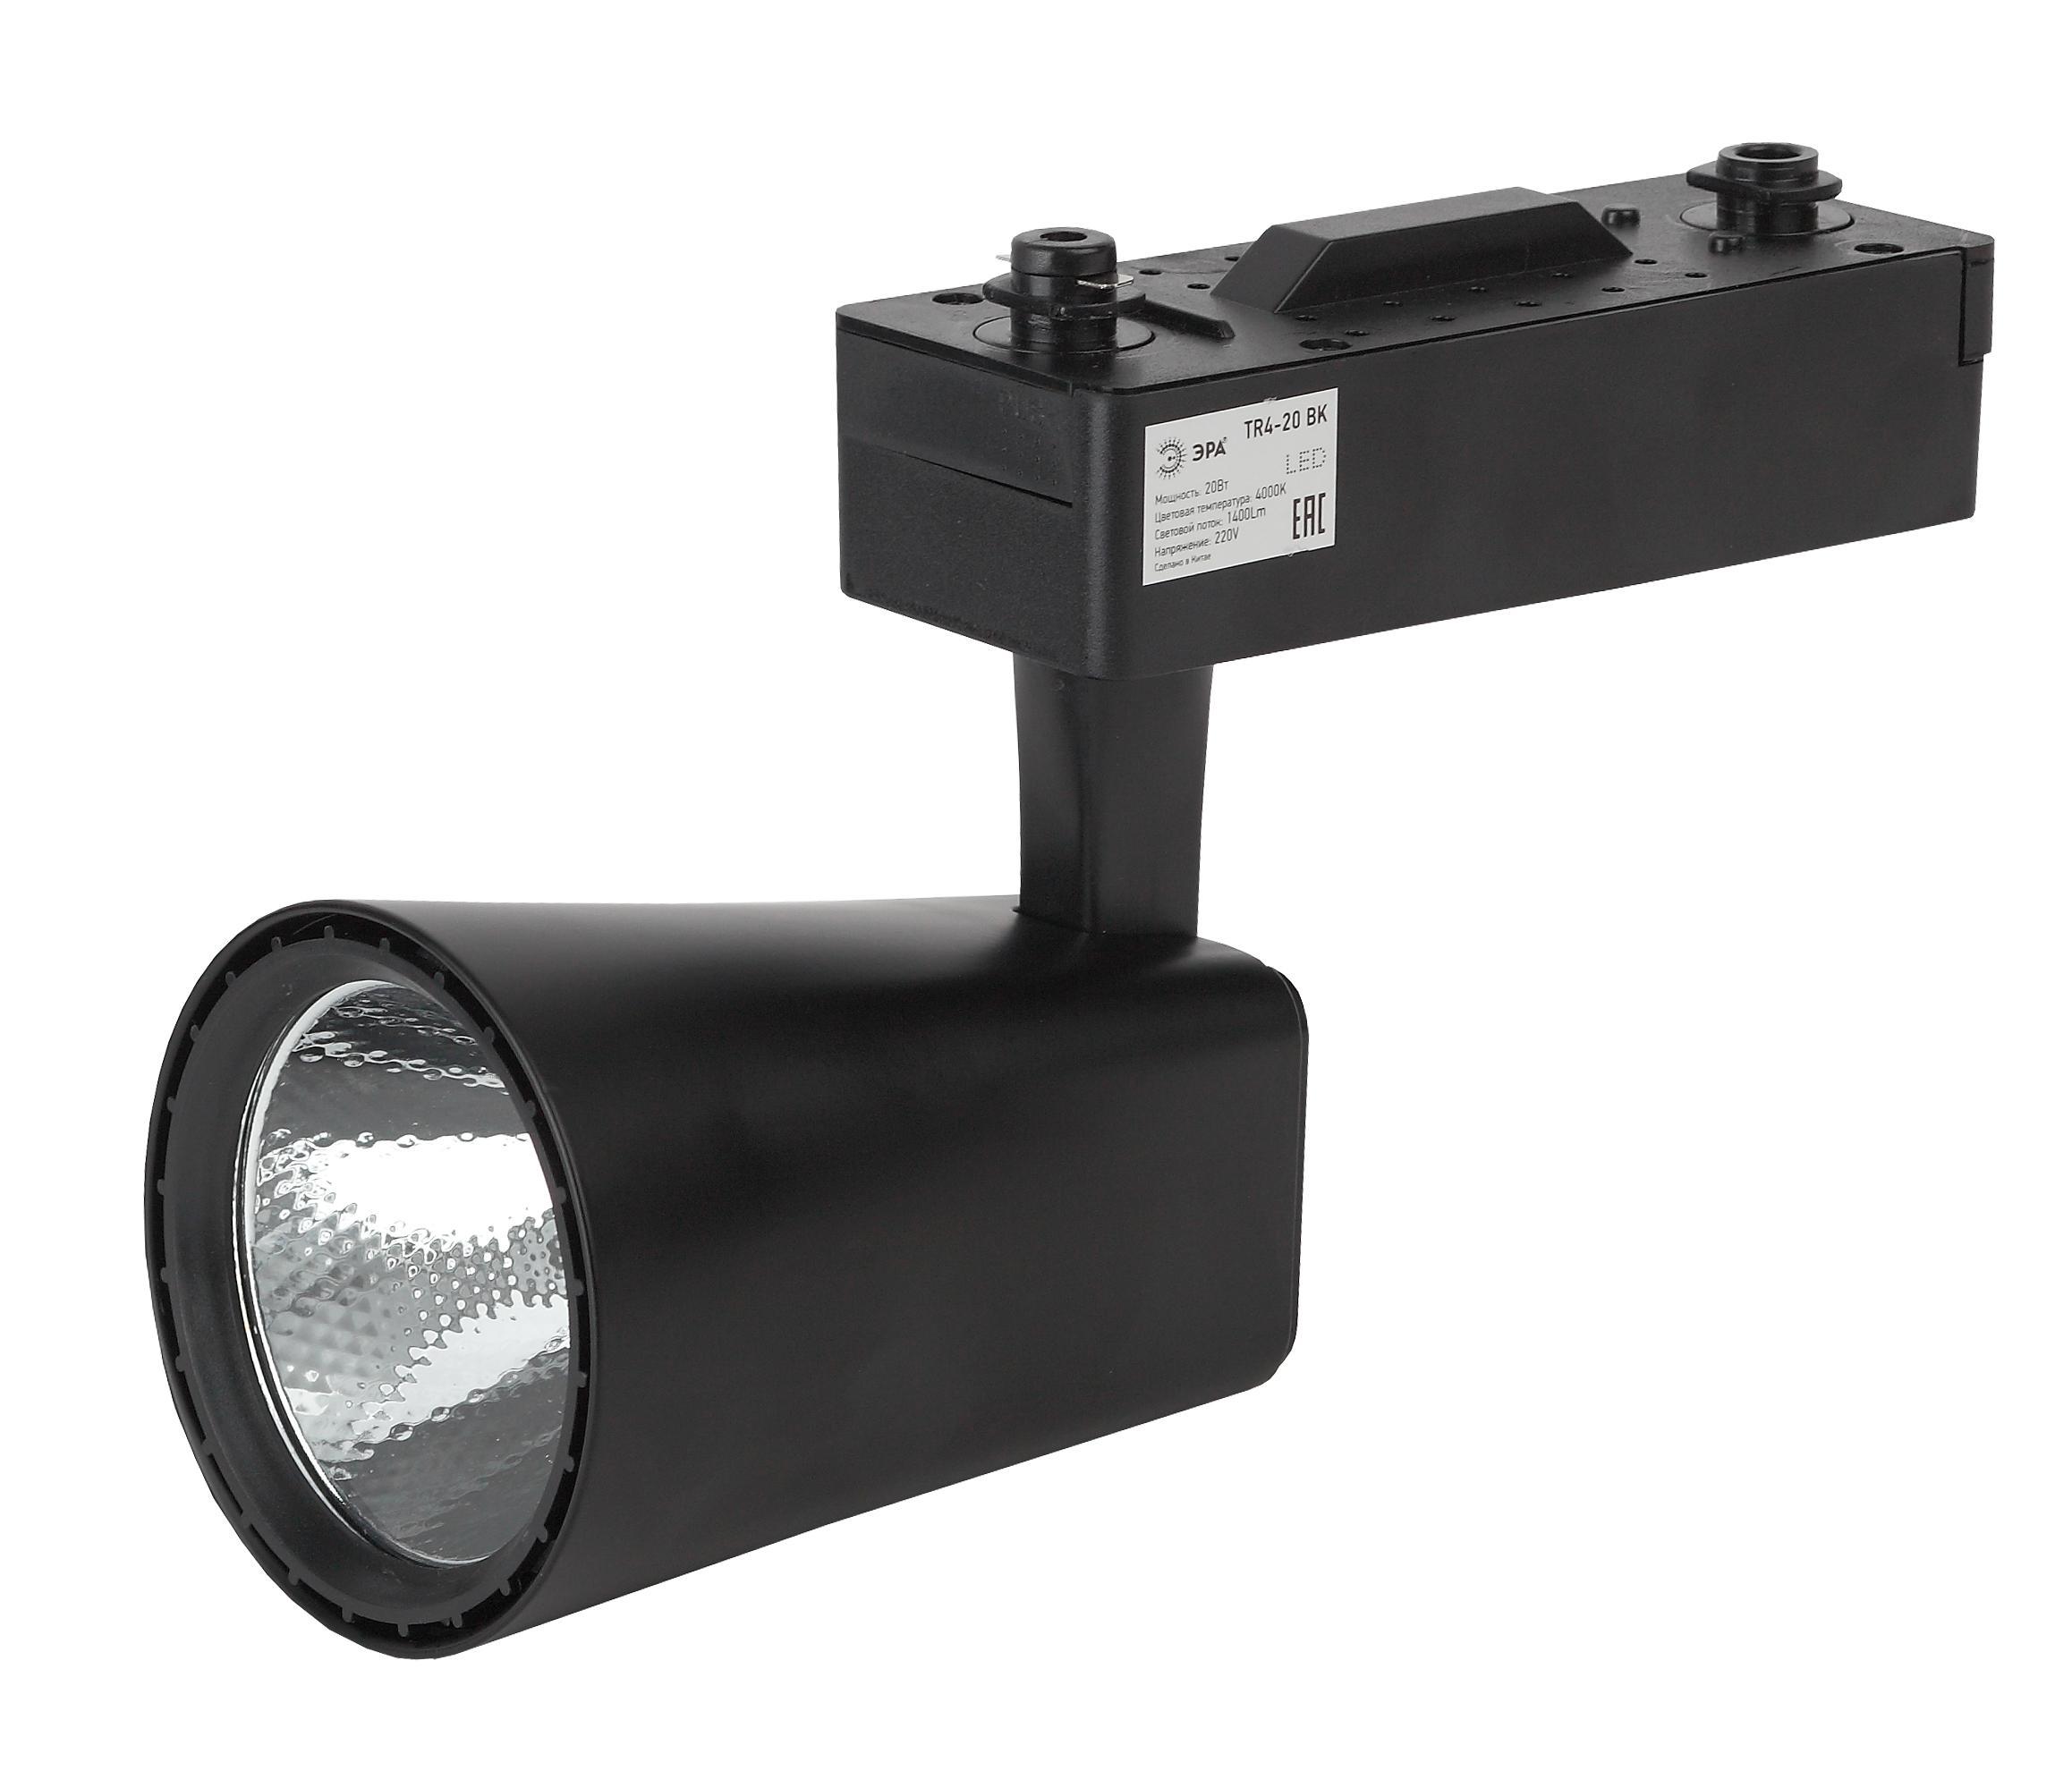 цена на Светильник ЭРА Tr4 - 20 bk